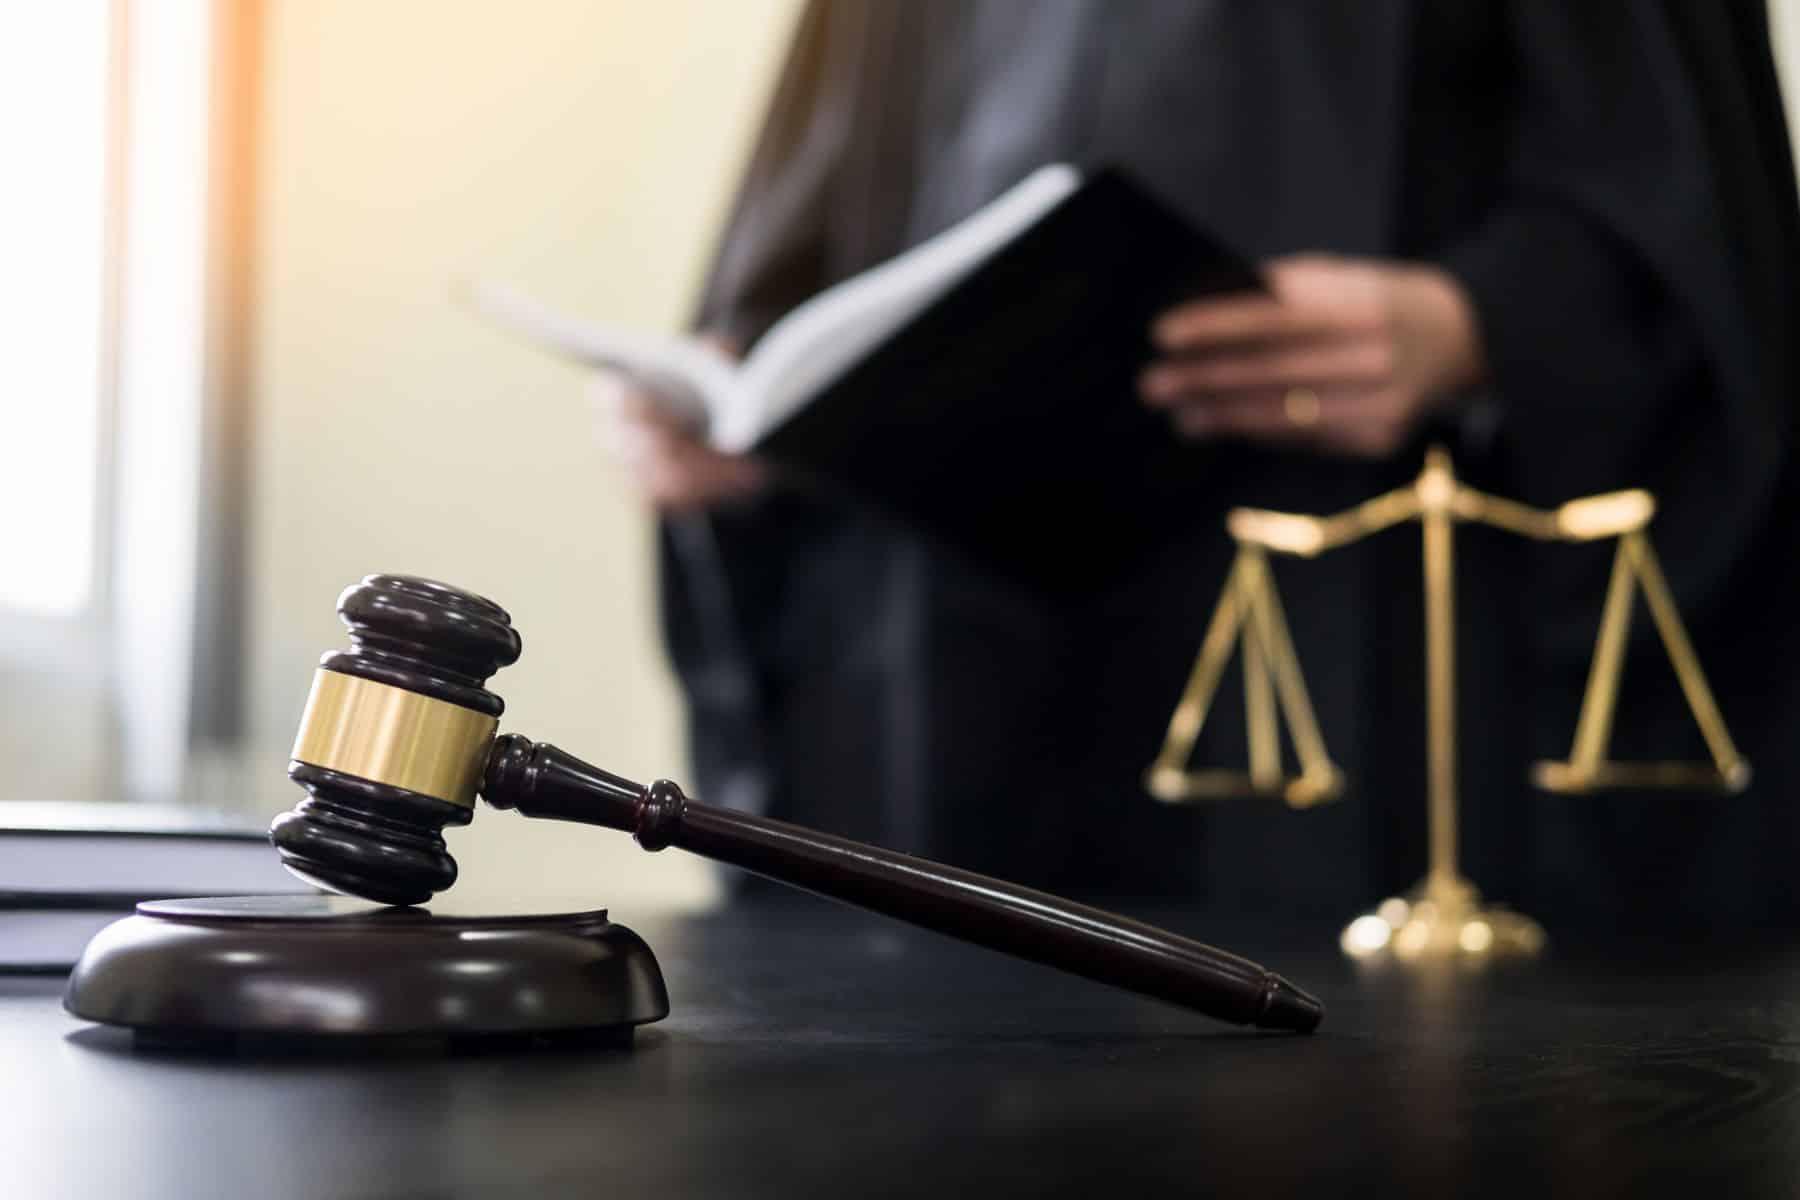 Судья зачитывает решение картинка